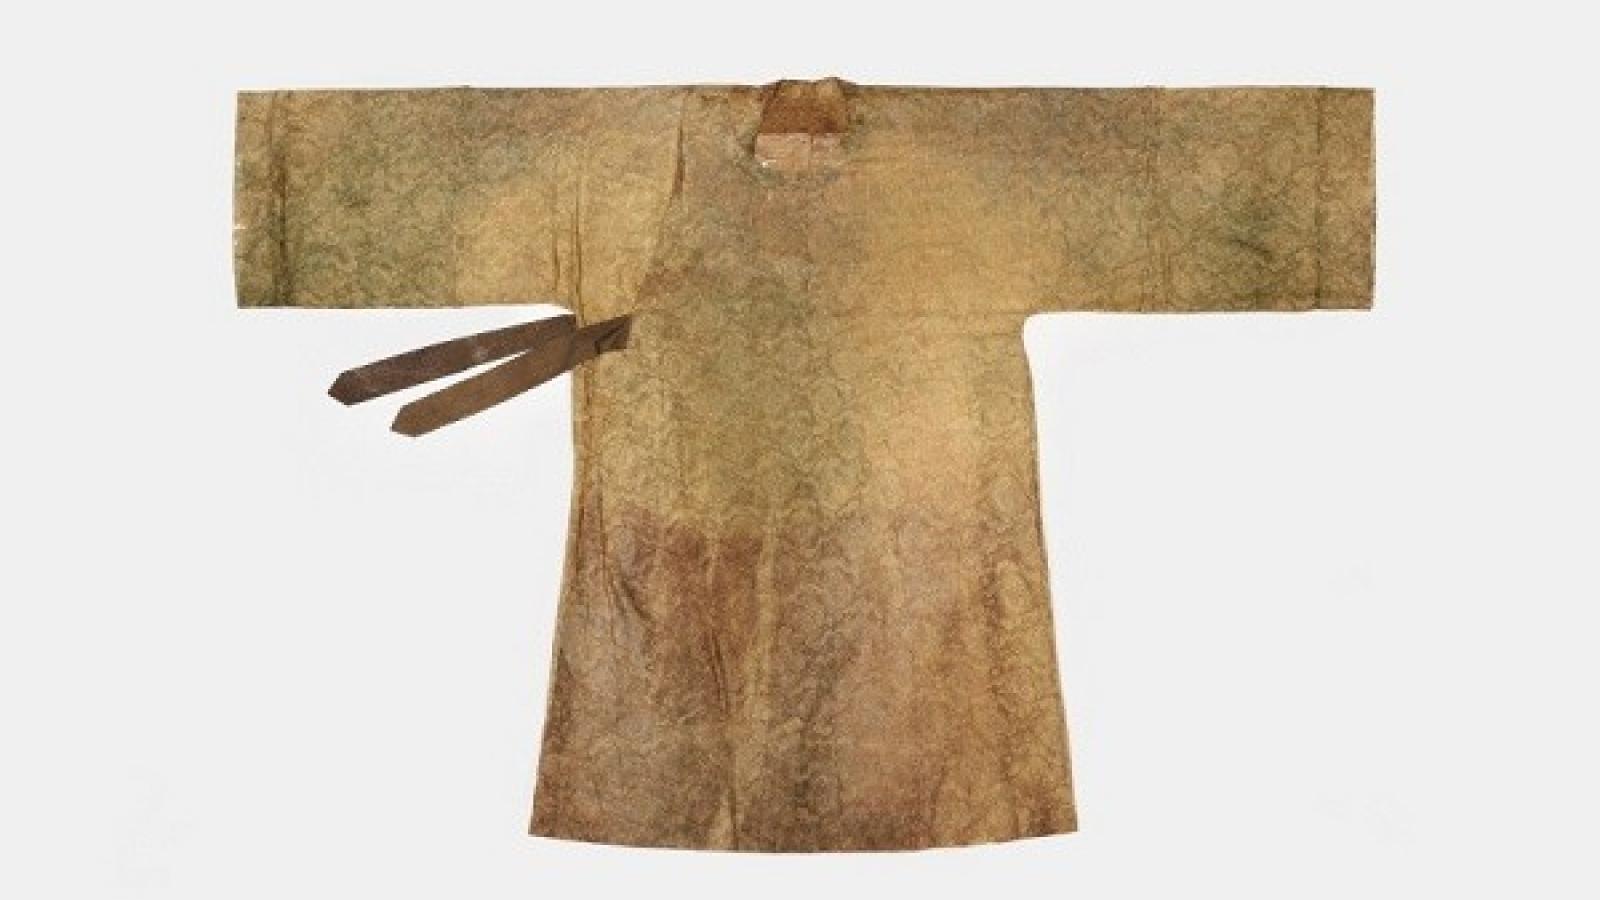 Hàn Quốc công nhận xác ướp 500 tuổi là tài sản văn hóa dân gian quốc gia